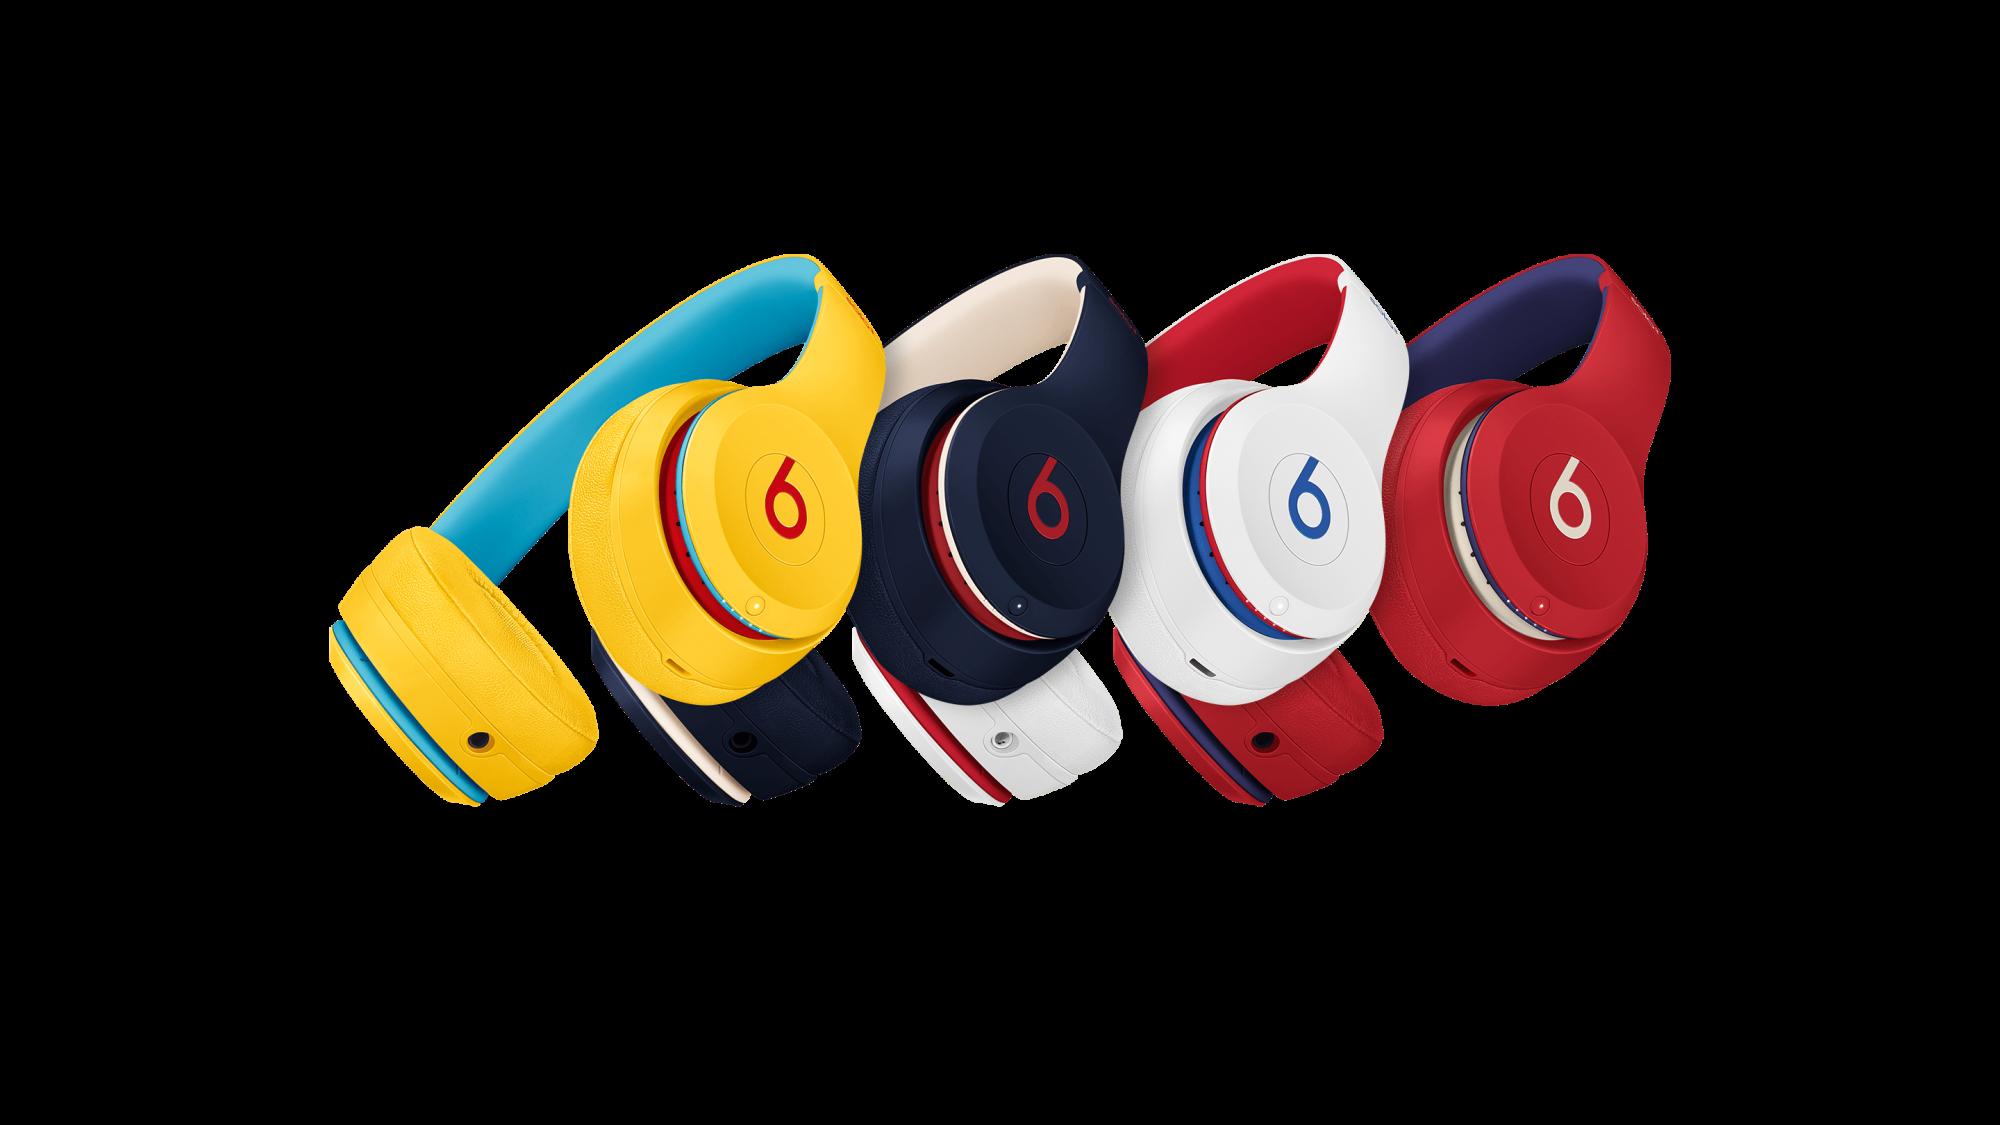 Beats Solo³ Wireless: Make It Loud!